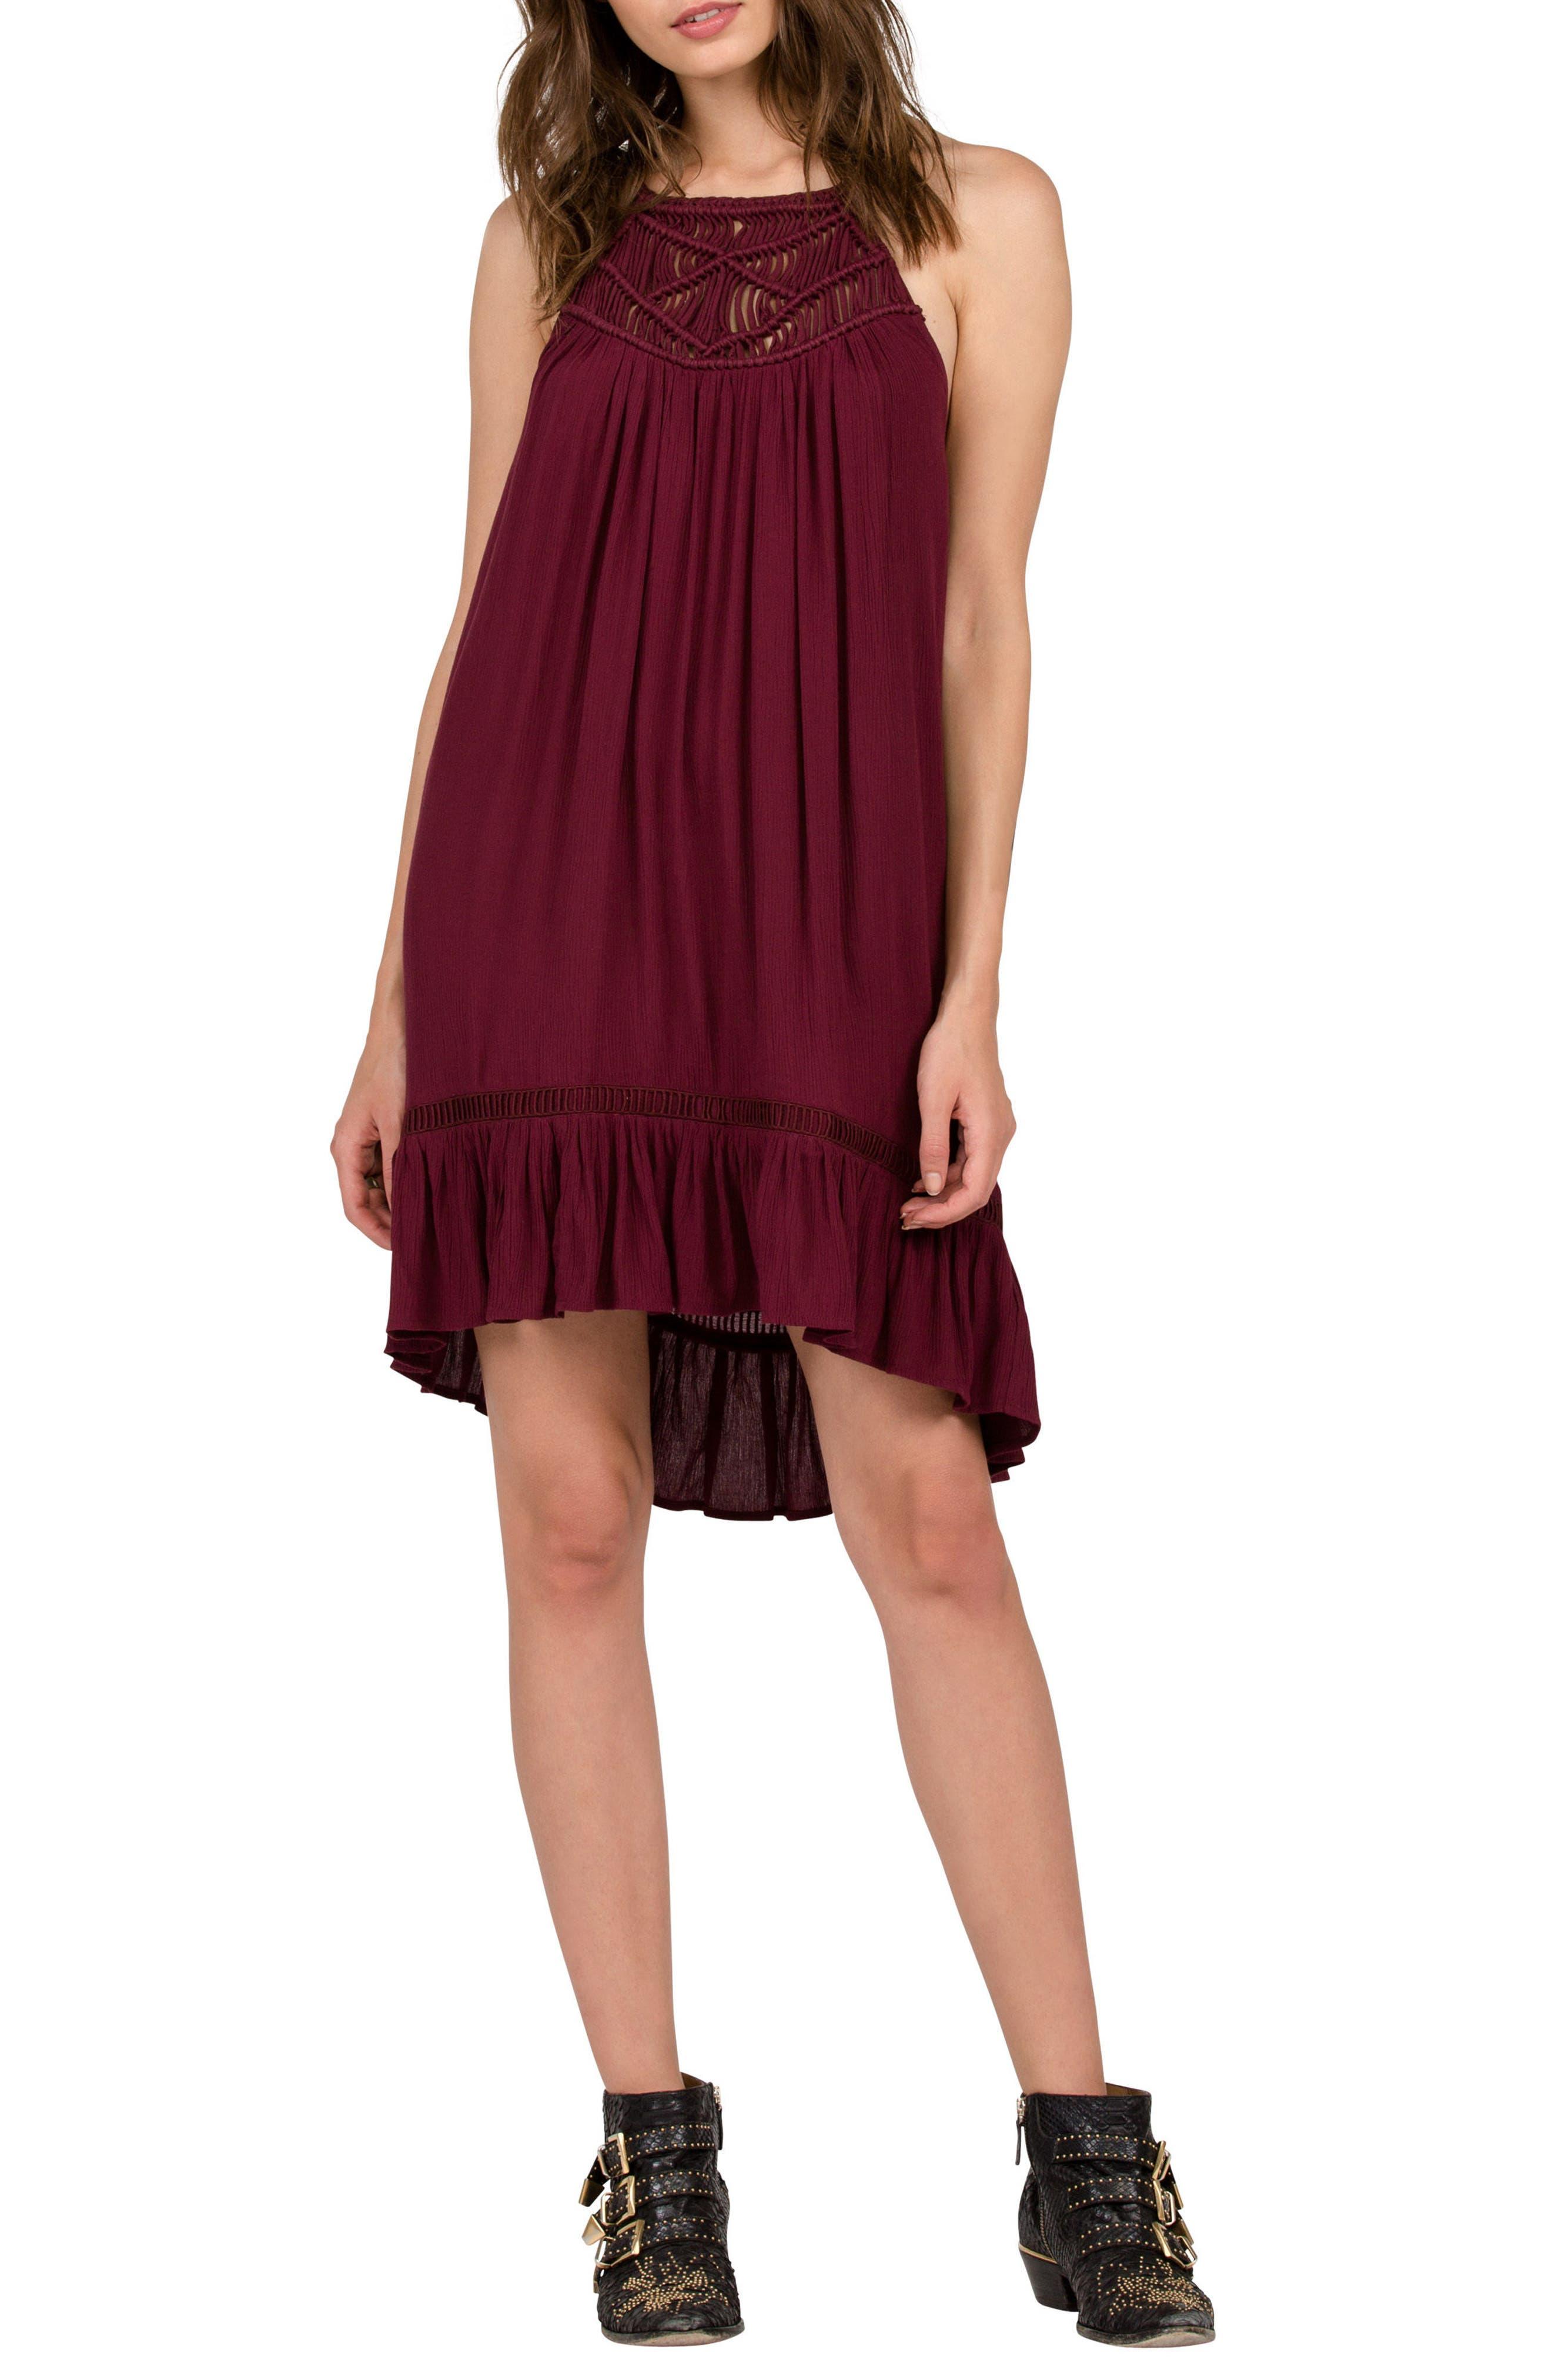 Alternate Image 1 Selected - Volcom Not Over It Crochet Swing Dress